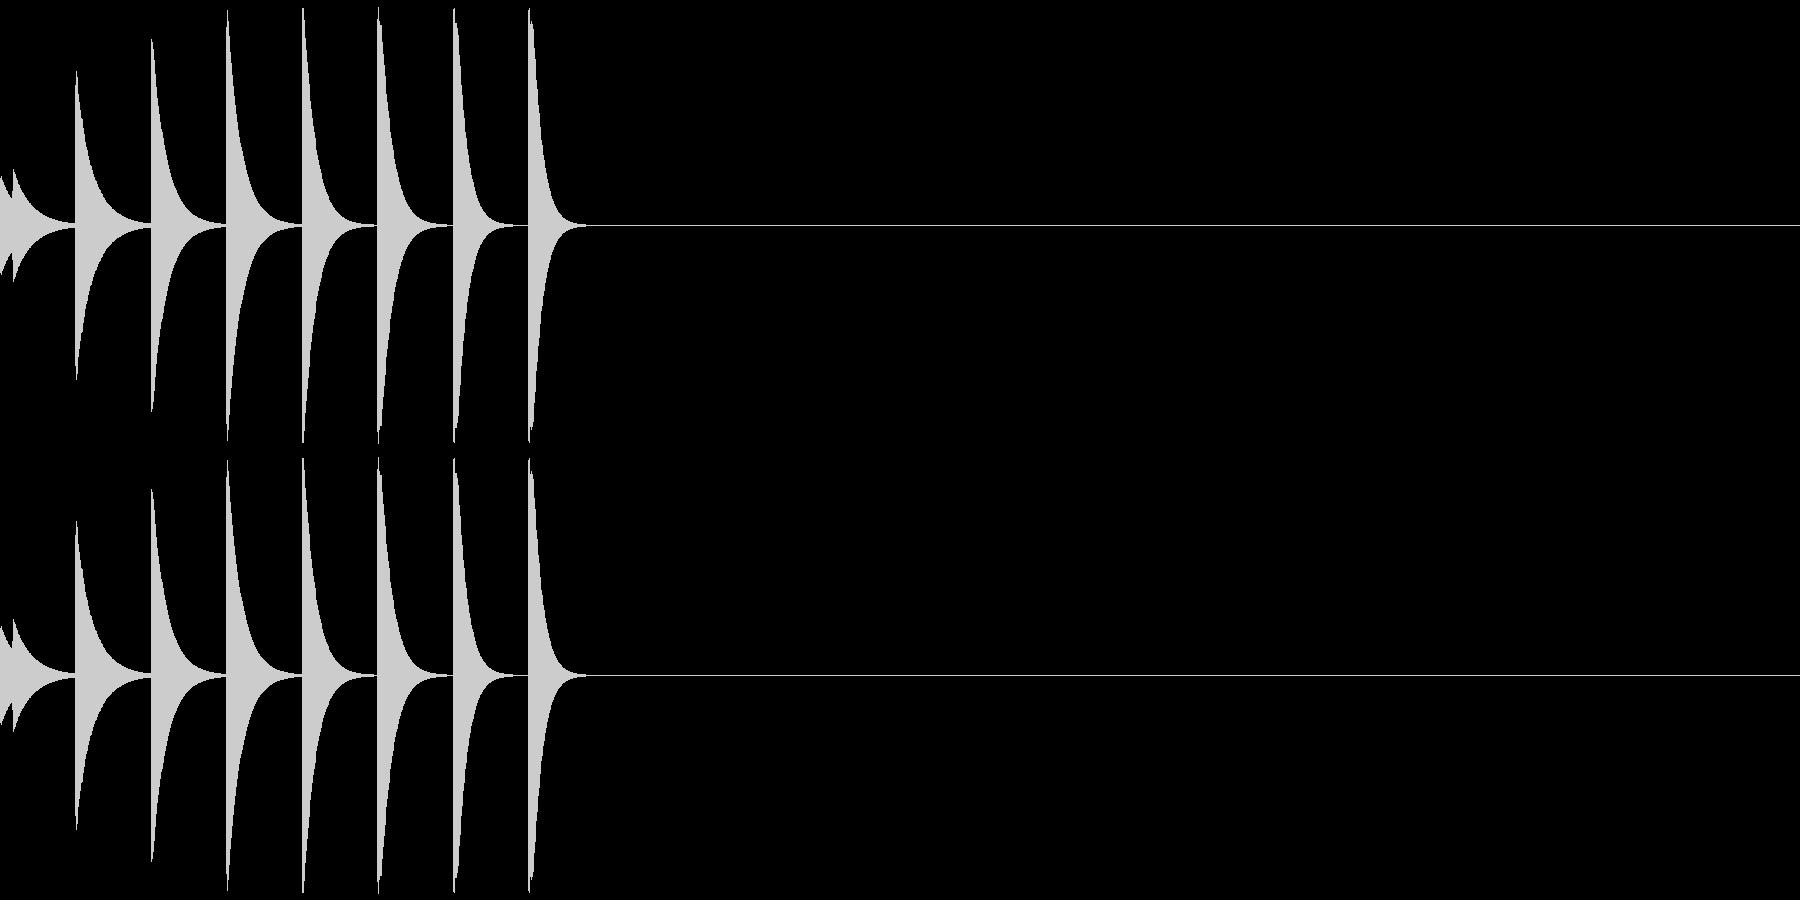 アイキャッチ/場面転換/ジングル/5-Aの未再生の波形